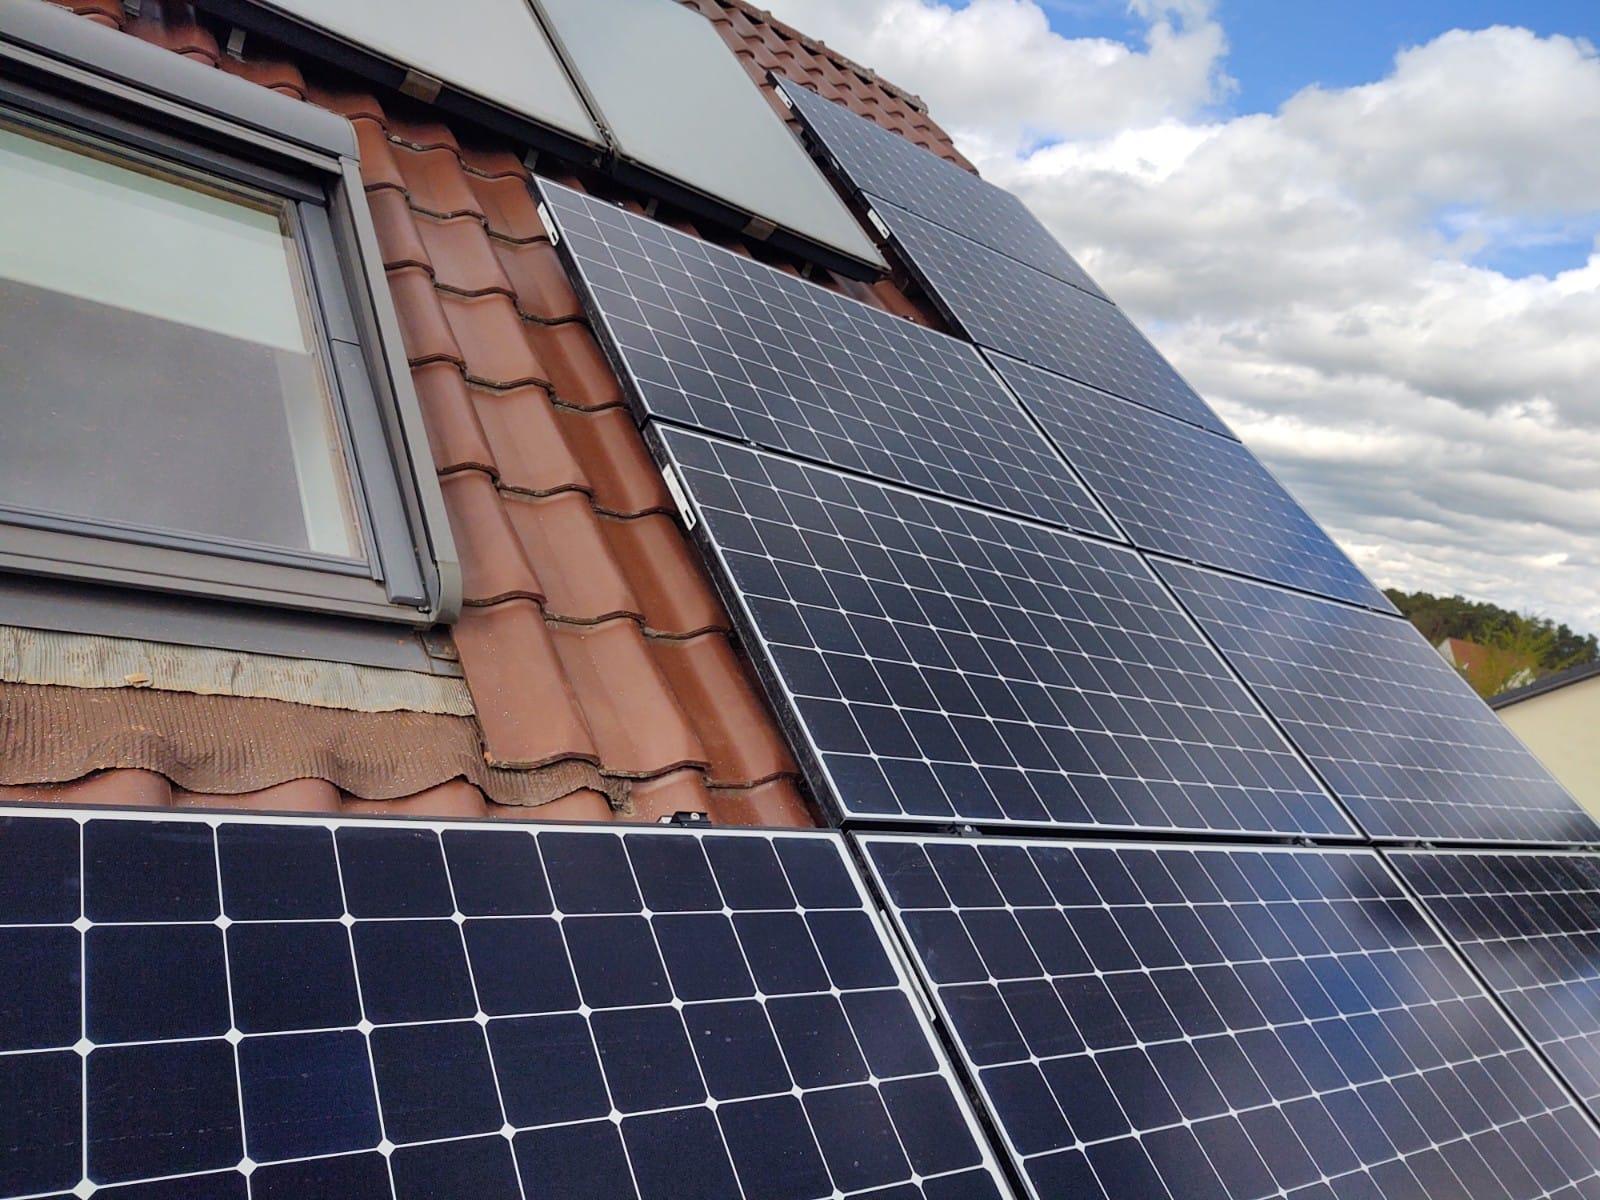 Angebot: Photovoltaik und Warmwasser-Wärmepumpe zum Sparpreis